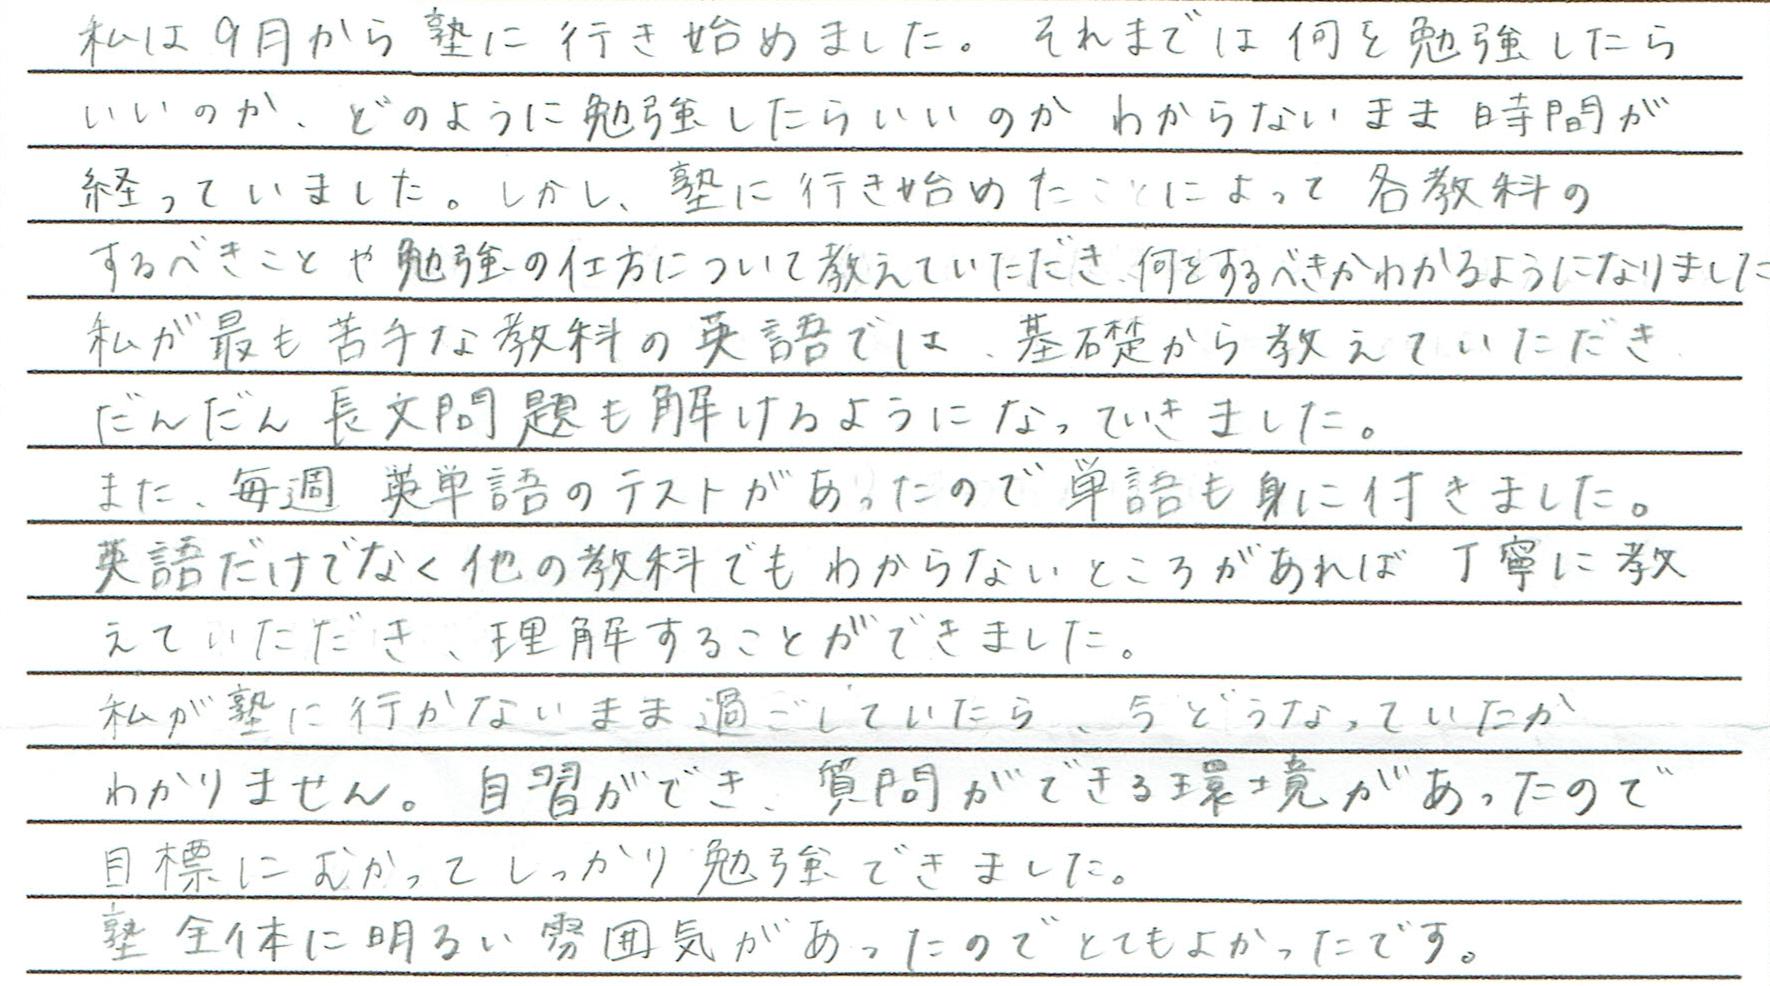 網島 まどかさん 神戸女子大学 合格